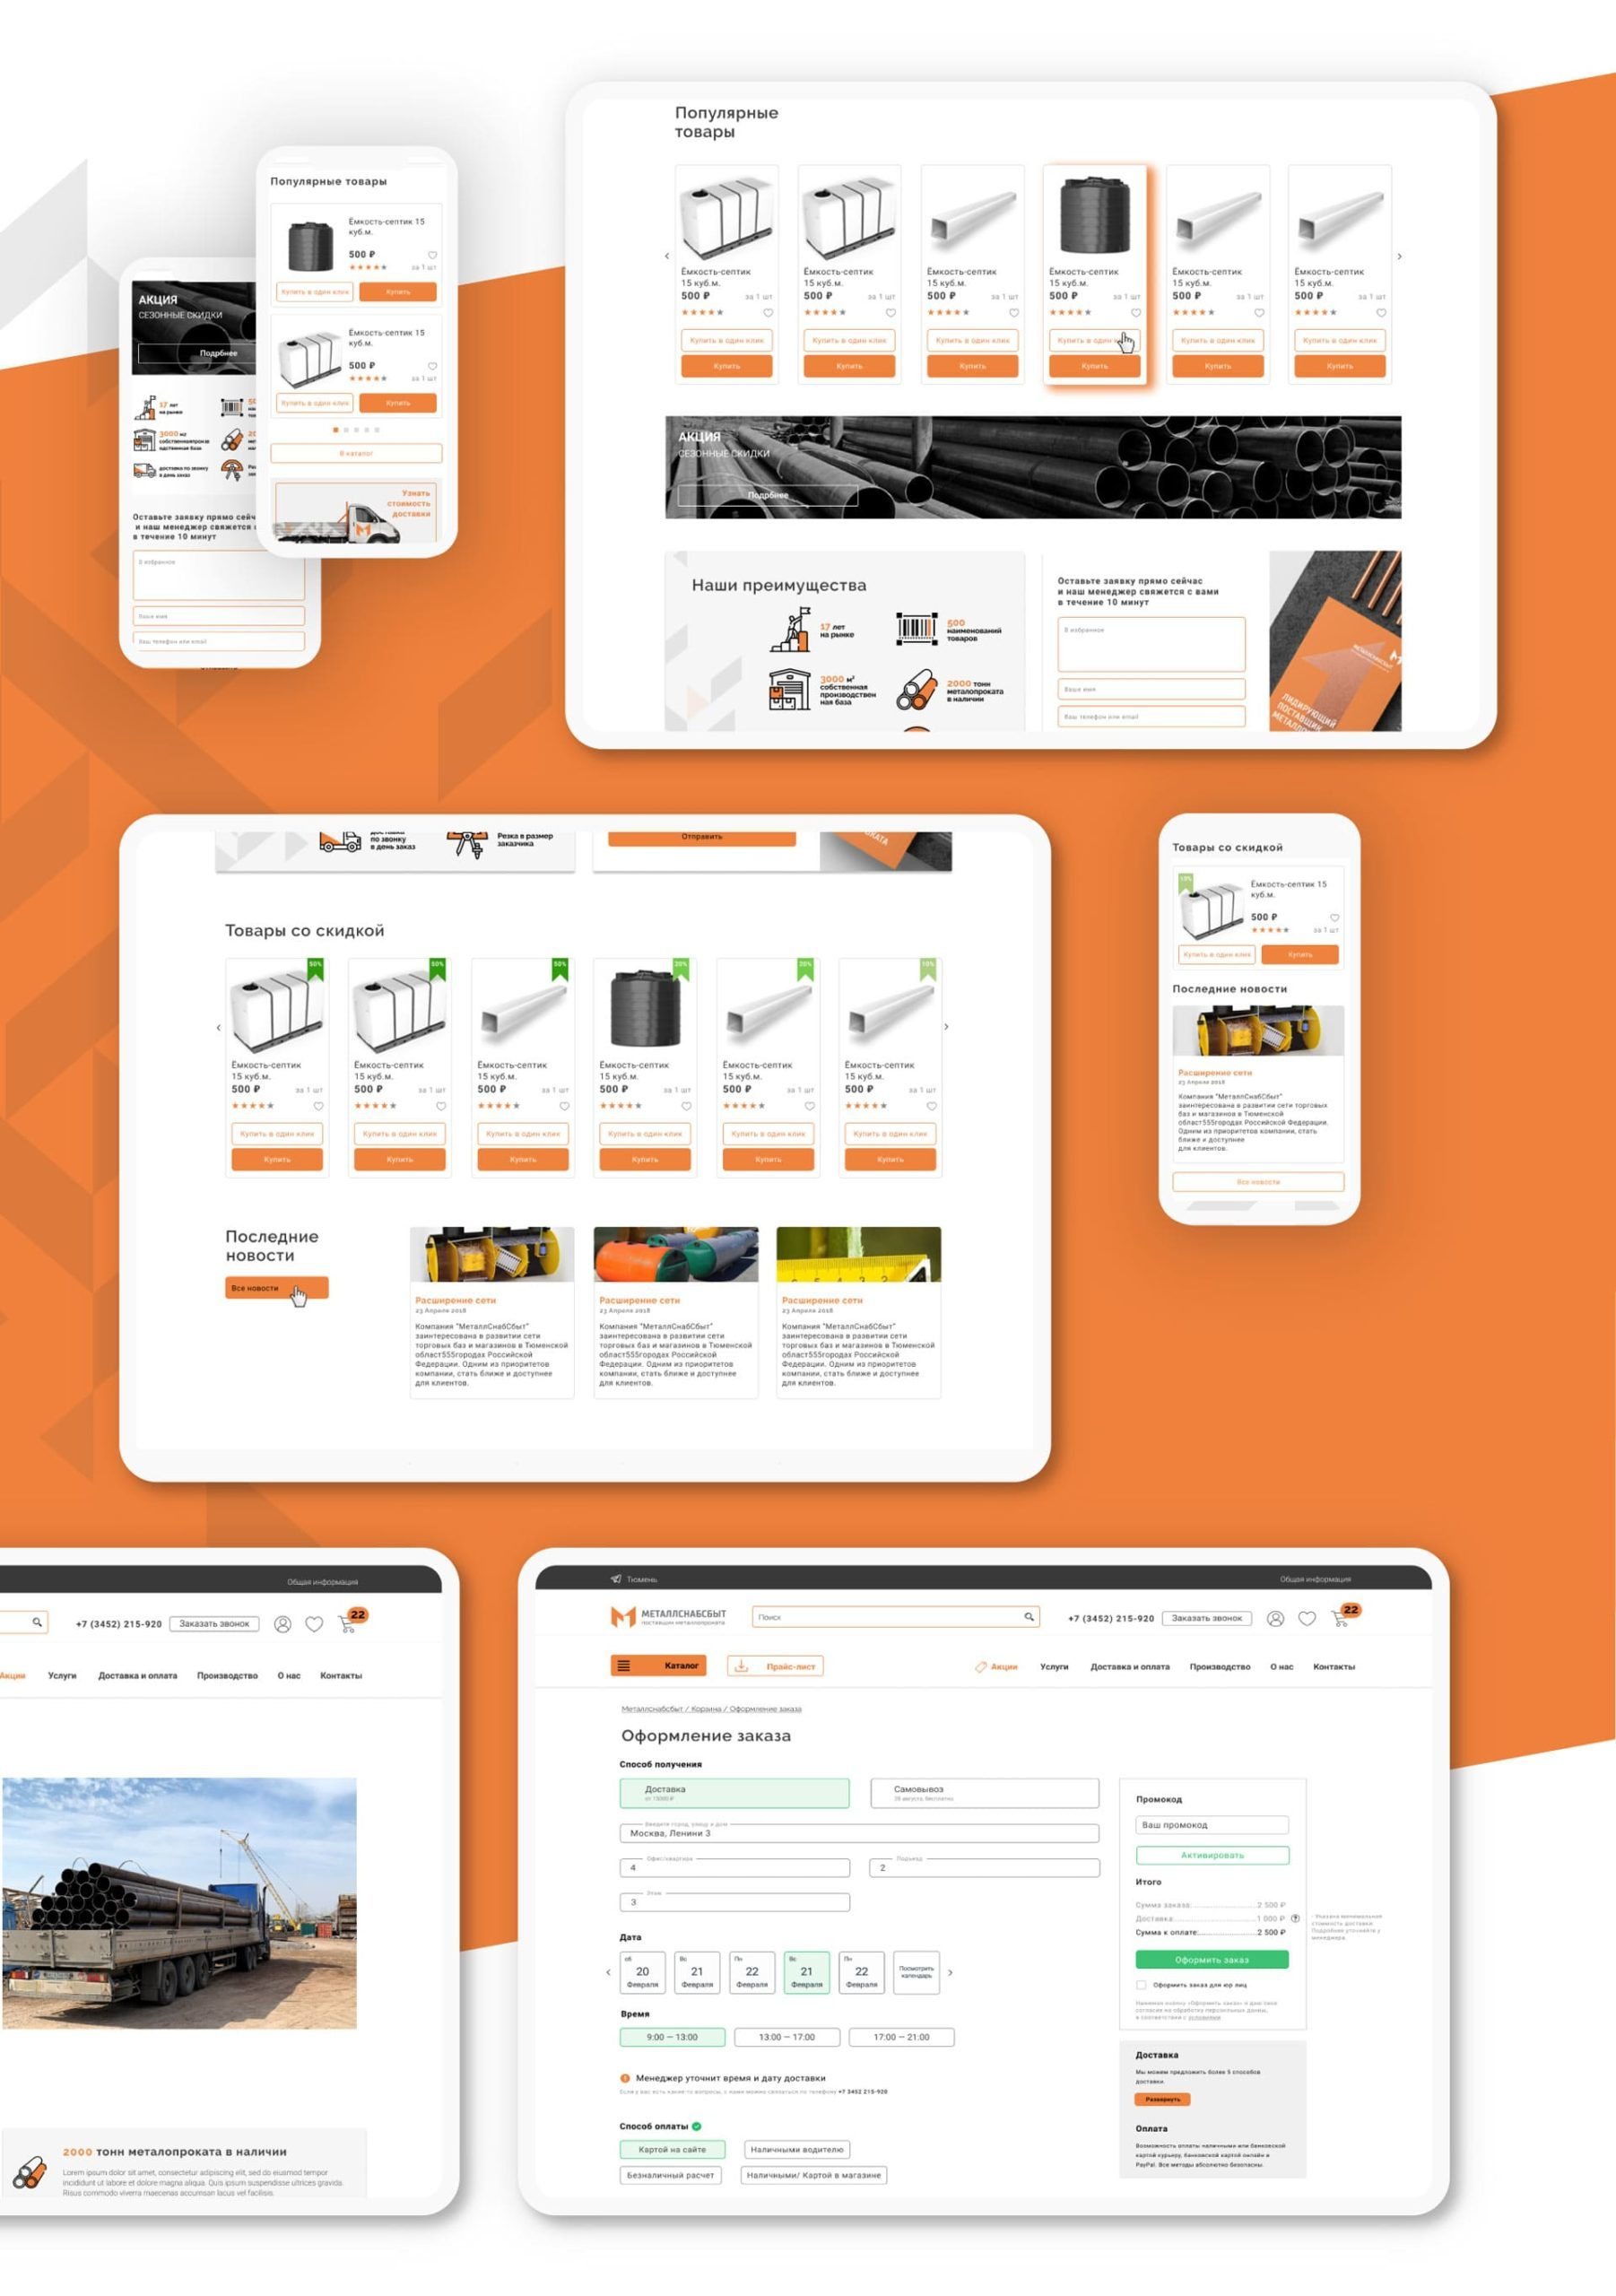 редизайн интернет магазина - дизайн внутренних страниц